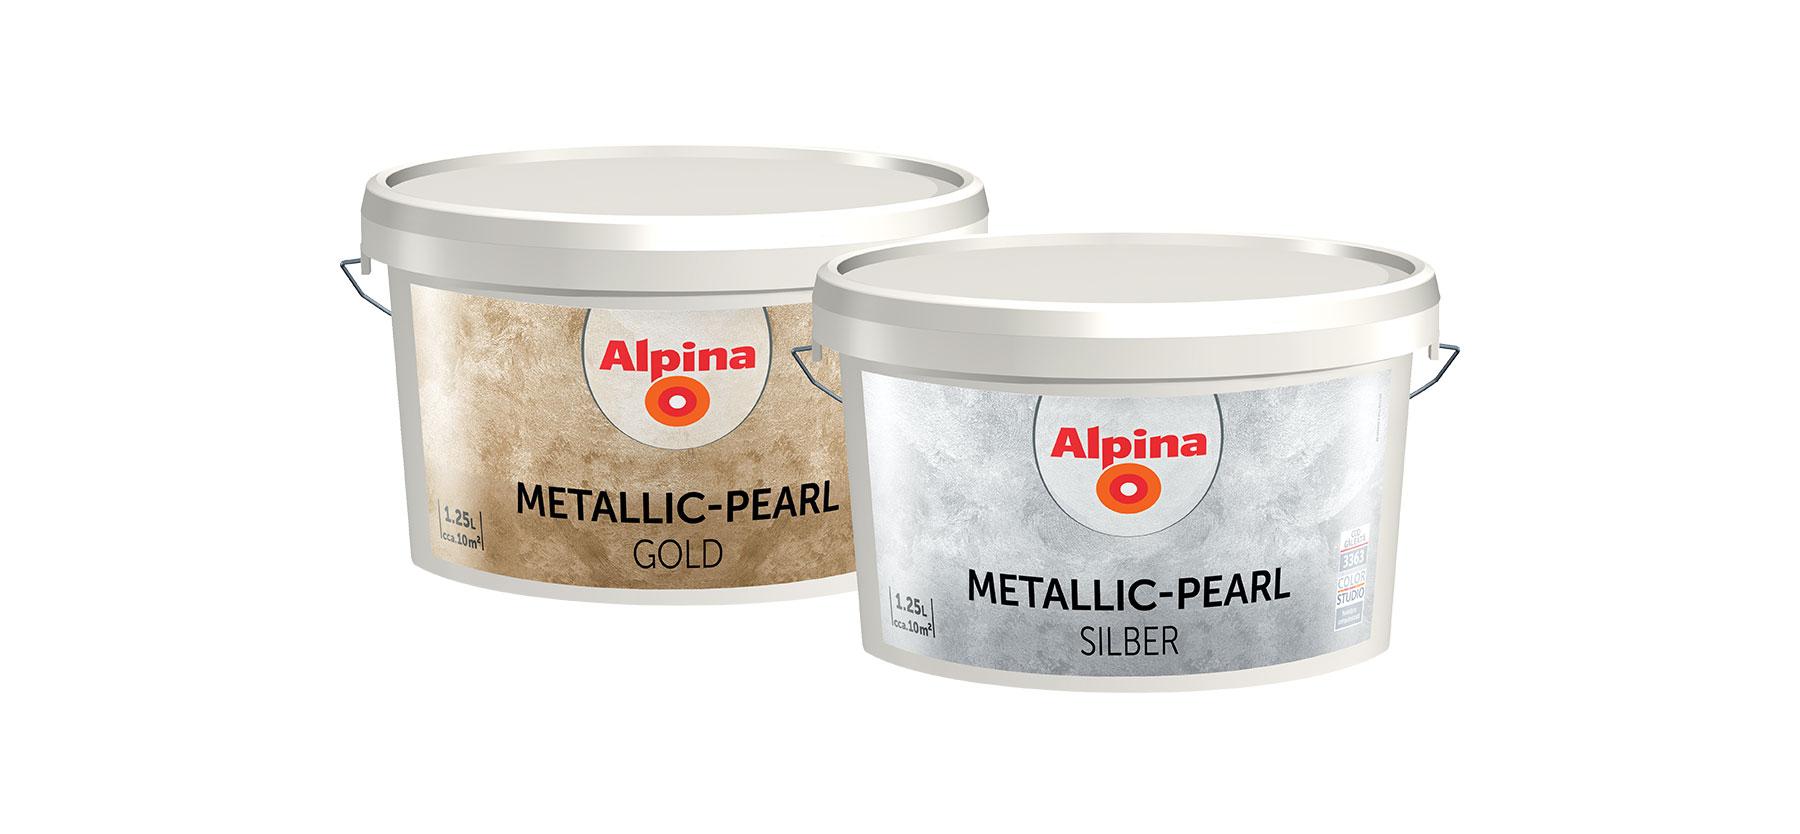 Alpina Metallic-Pearl GOLD si SILBER